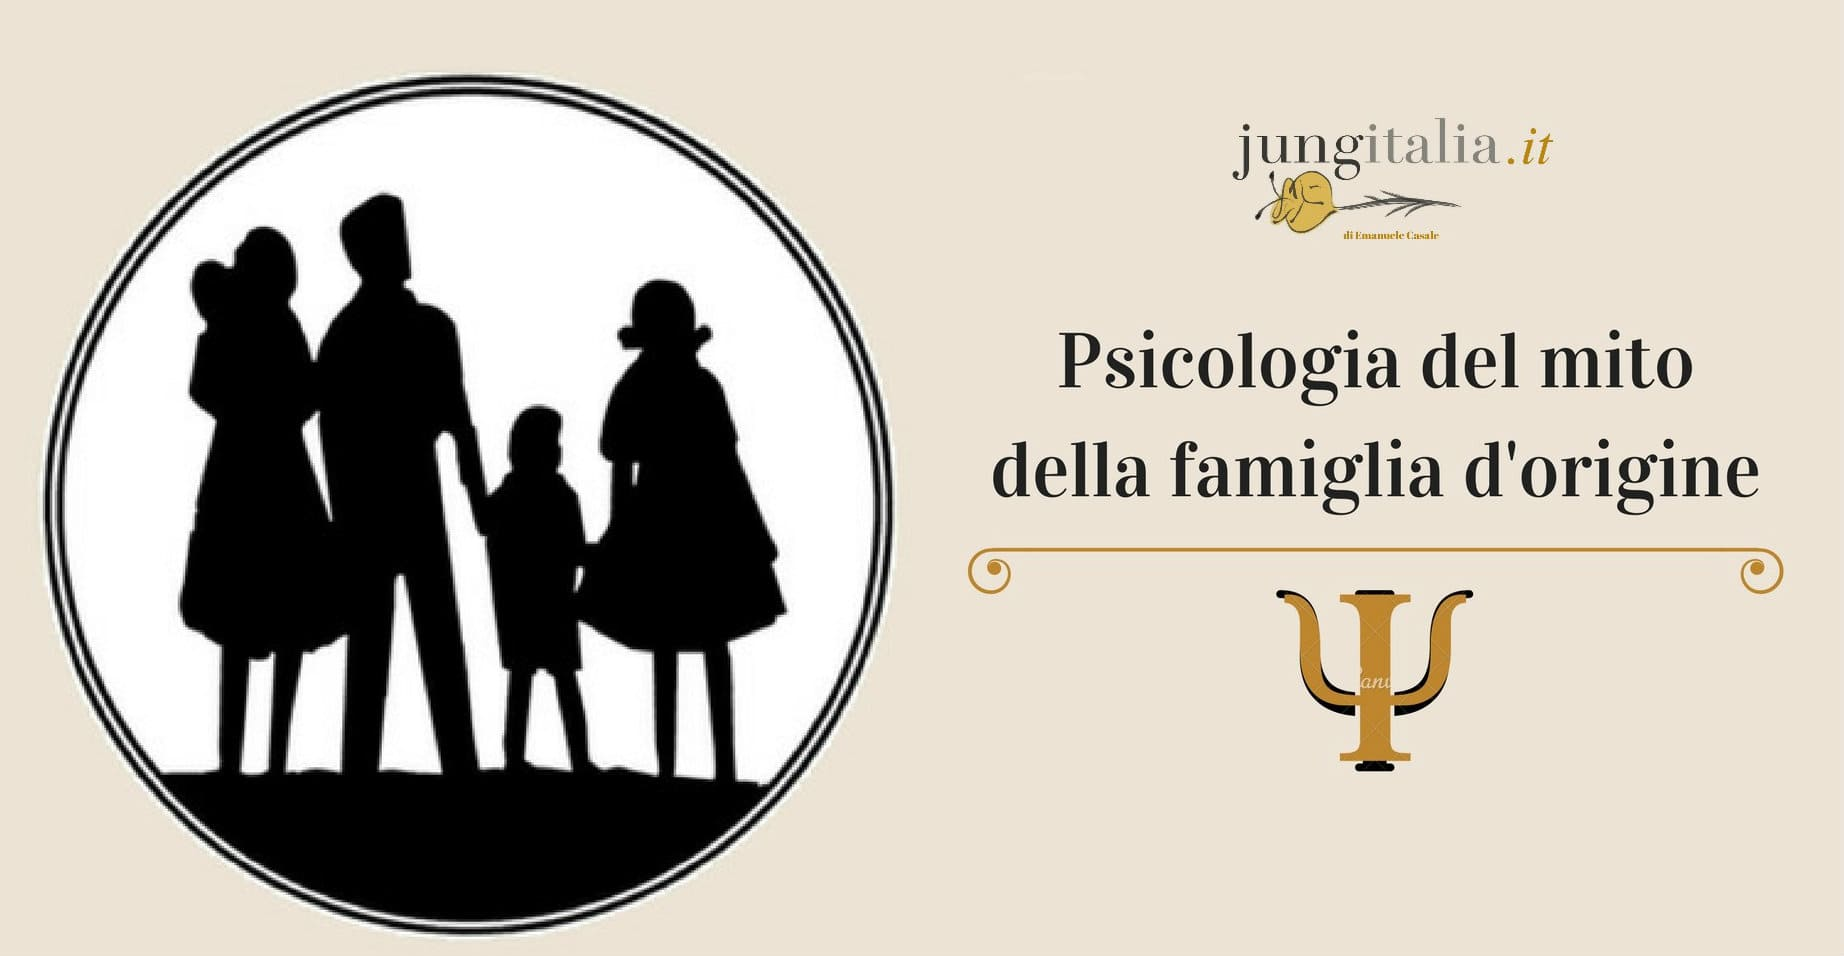 Psicologia Famiglia mito